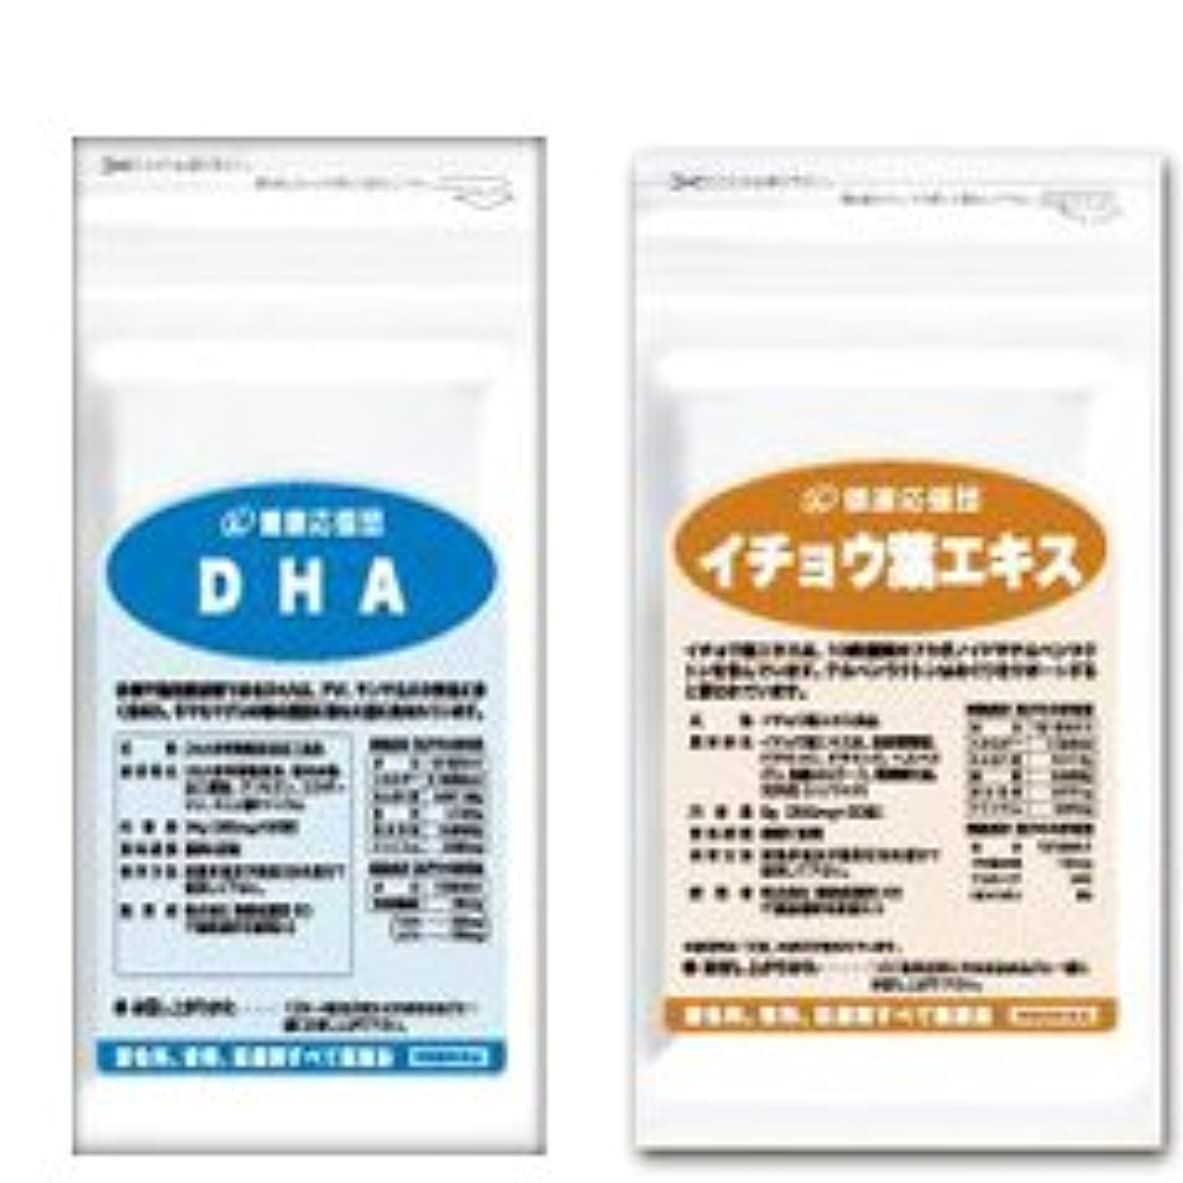 パスポートヘア物思いにふける(お徳用3か月分)サラサラ巡りセット DHA + イチョウ葉エキス 3袋&3袋セット(DHA?EPA?イチョウ葉?ビタミンC?ビタミンE?ビタミンP配合)